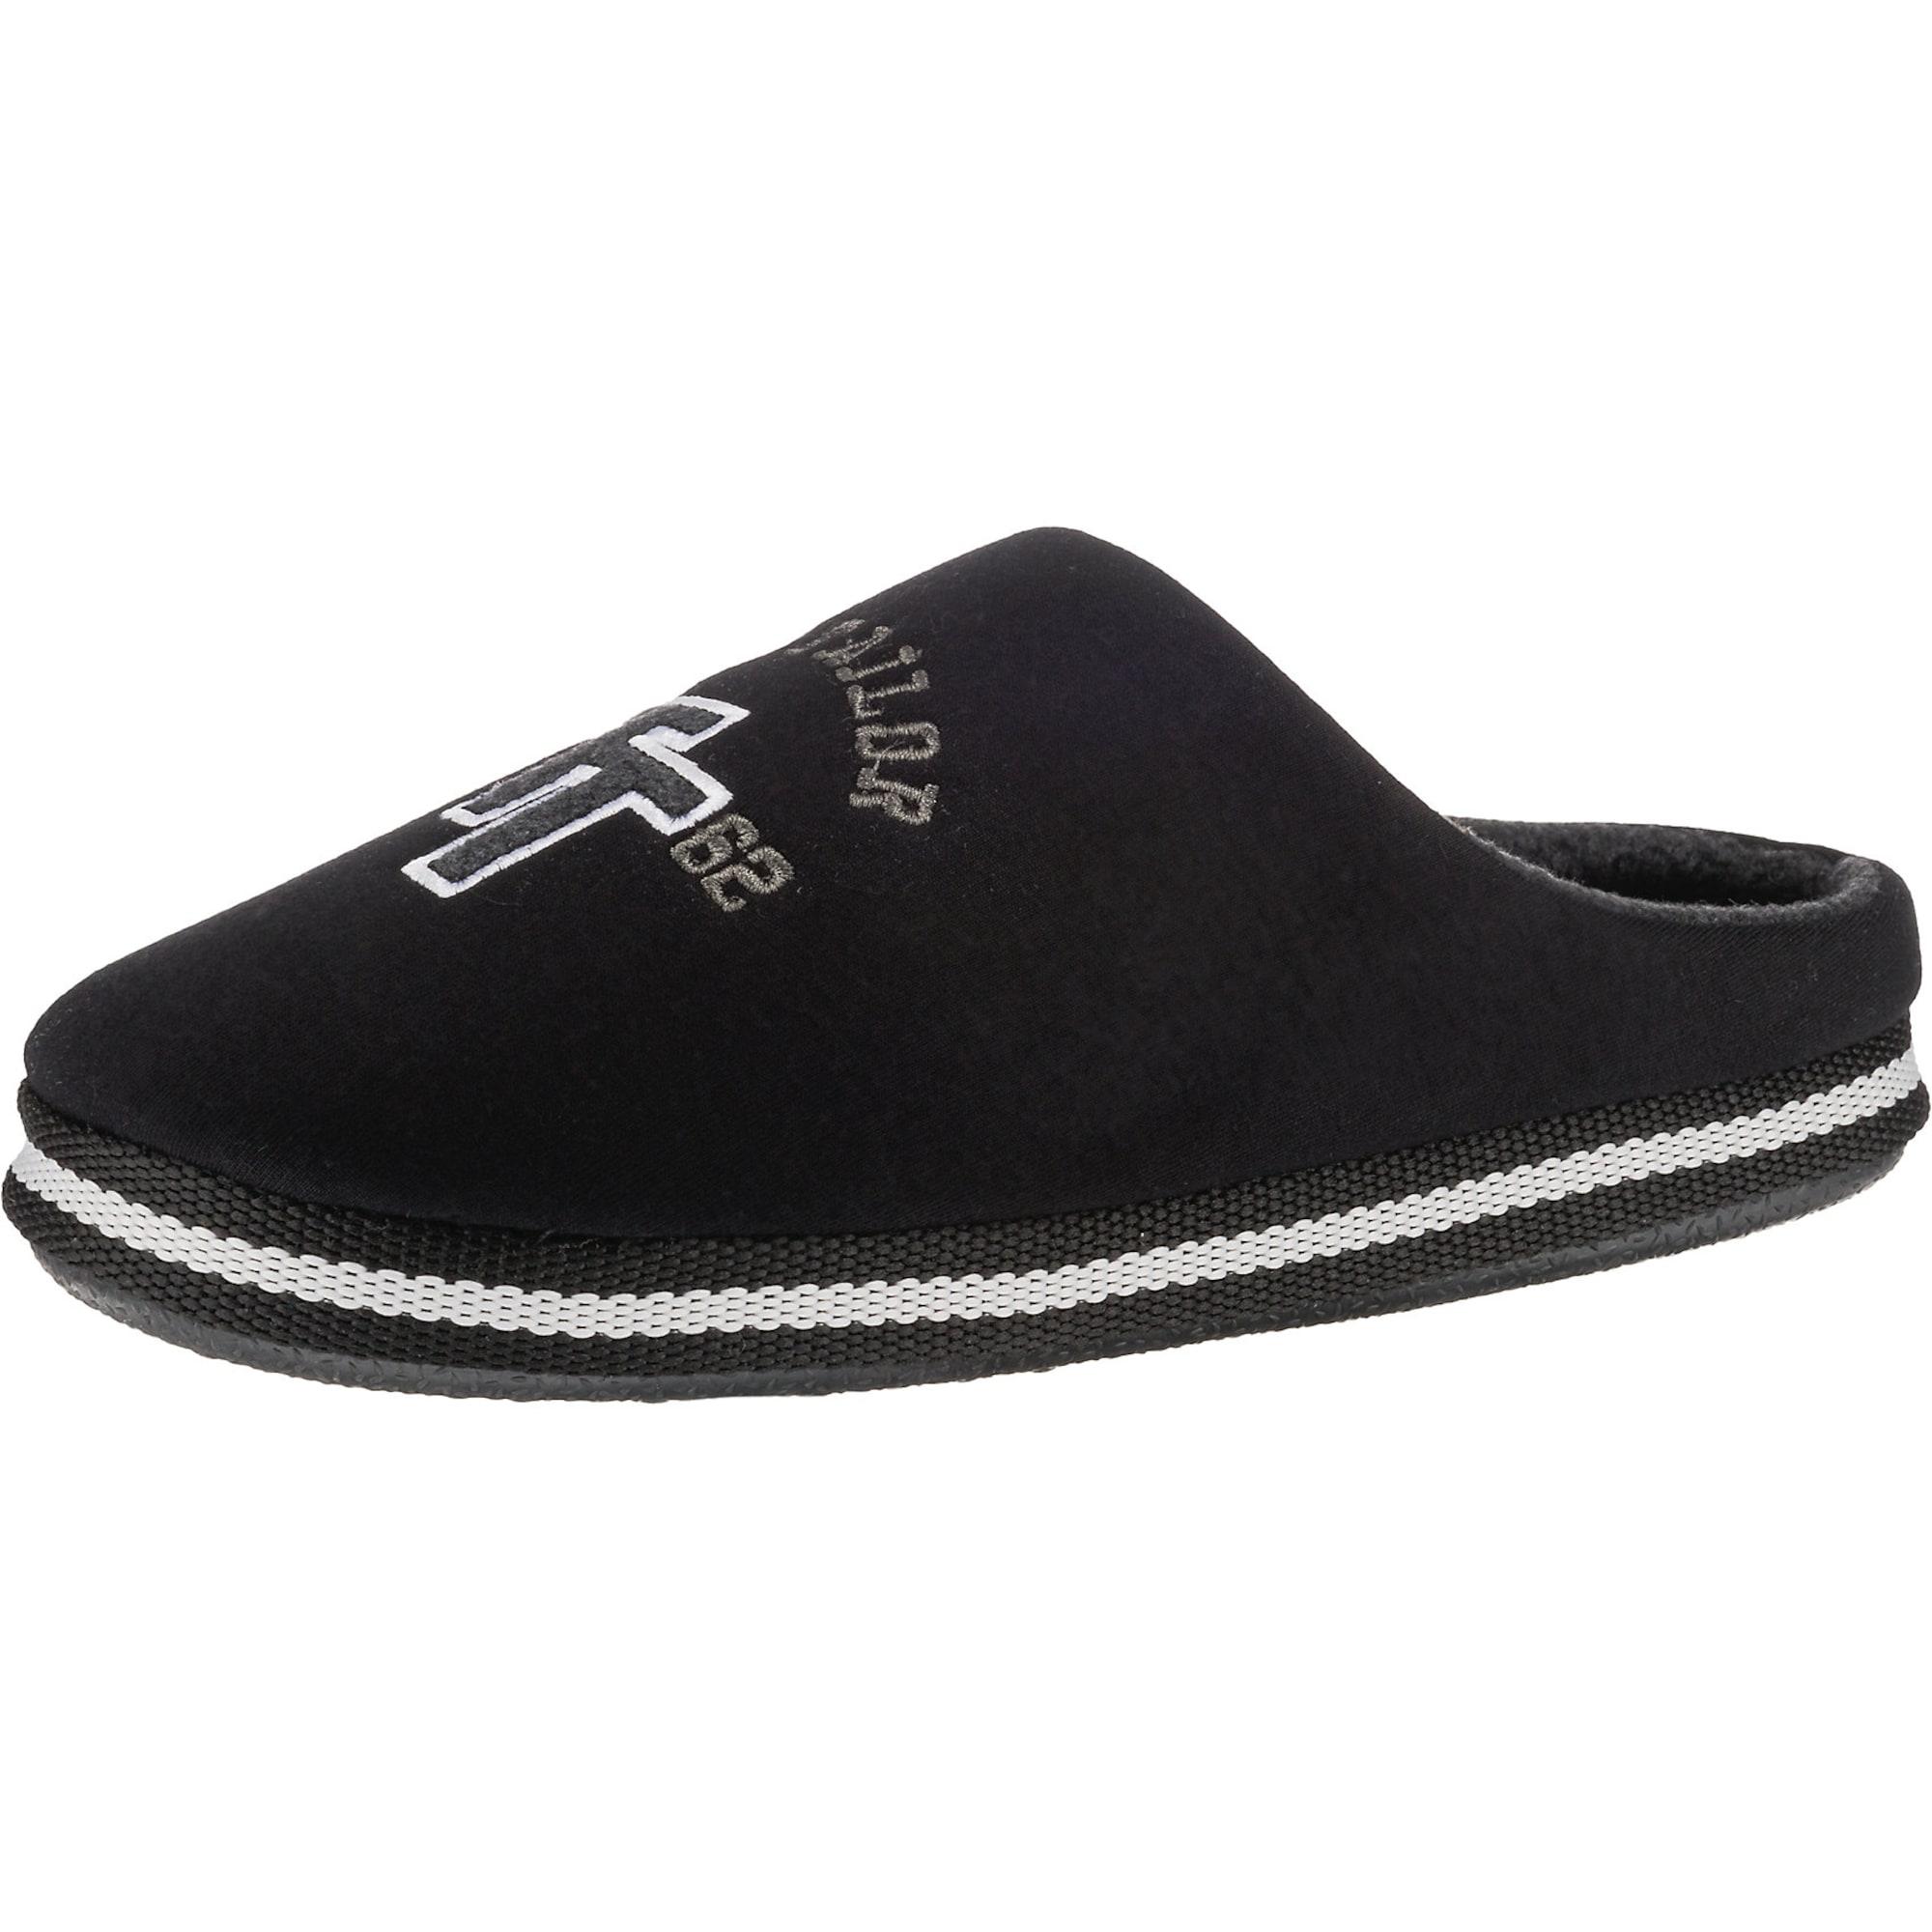 Pantoffeln | Schuhe > Hausschuhe > Pantoffeln | Schwarz - Weiß | TOM TAILOR